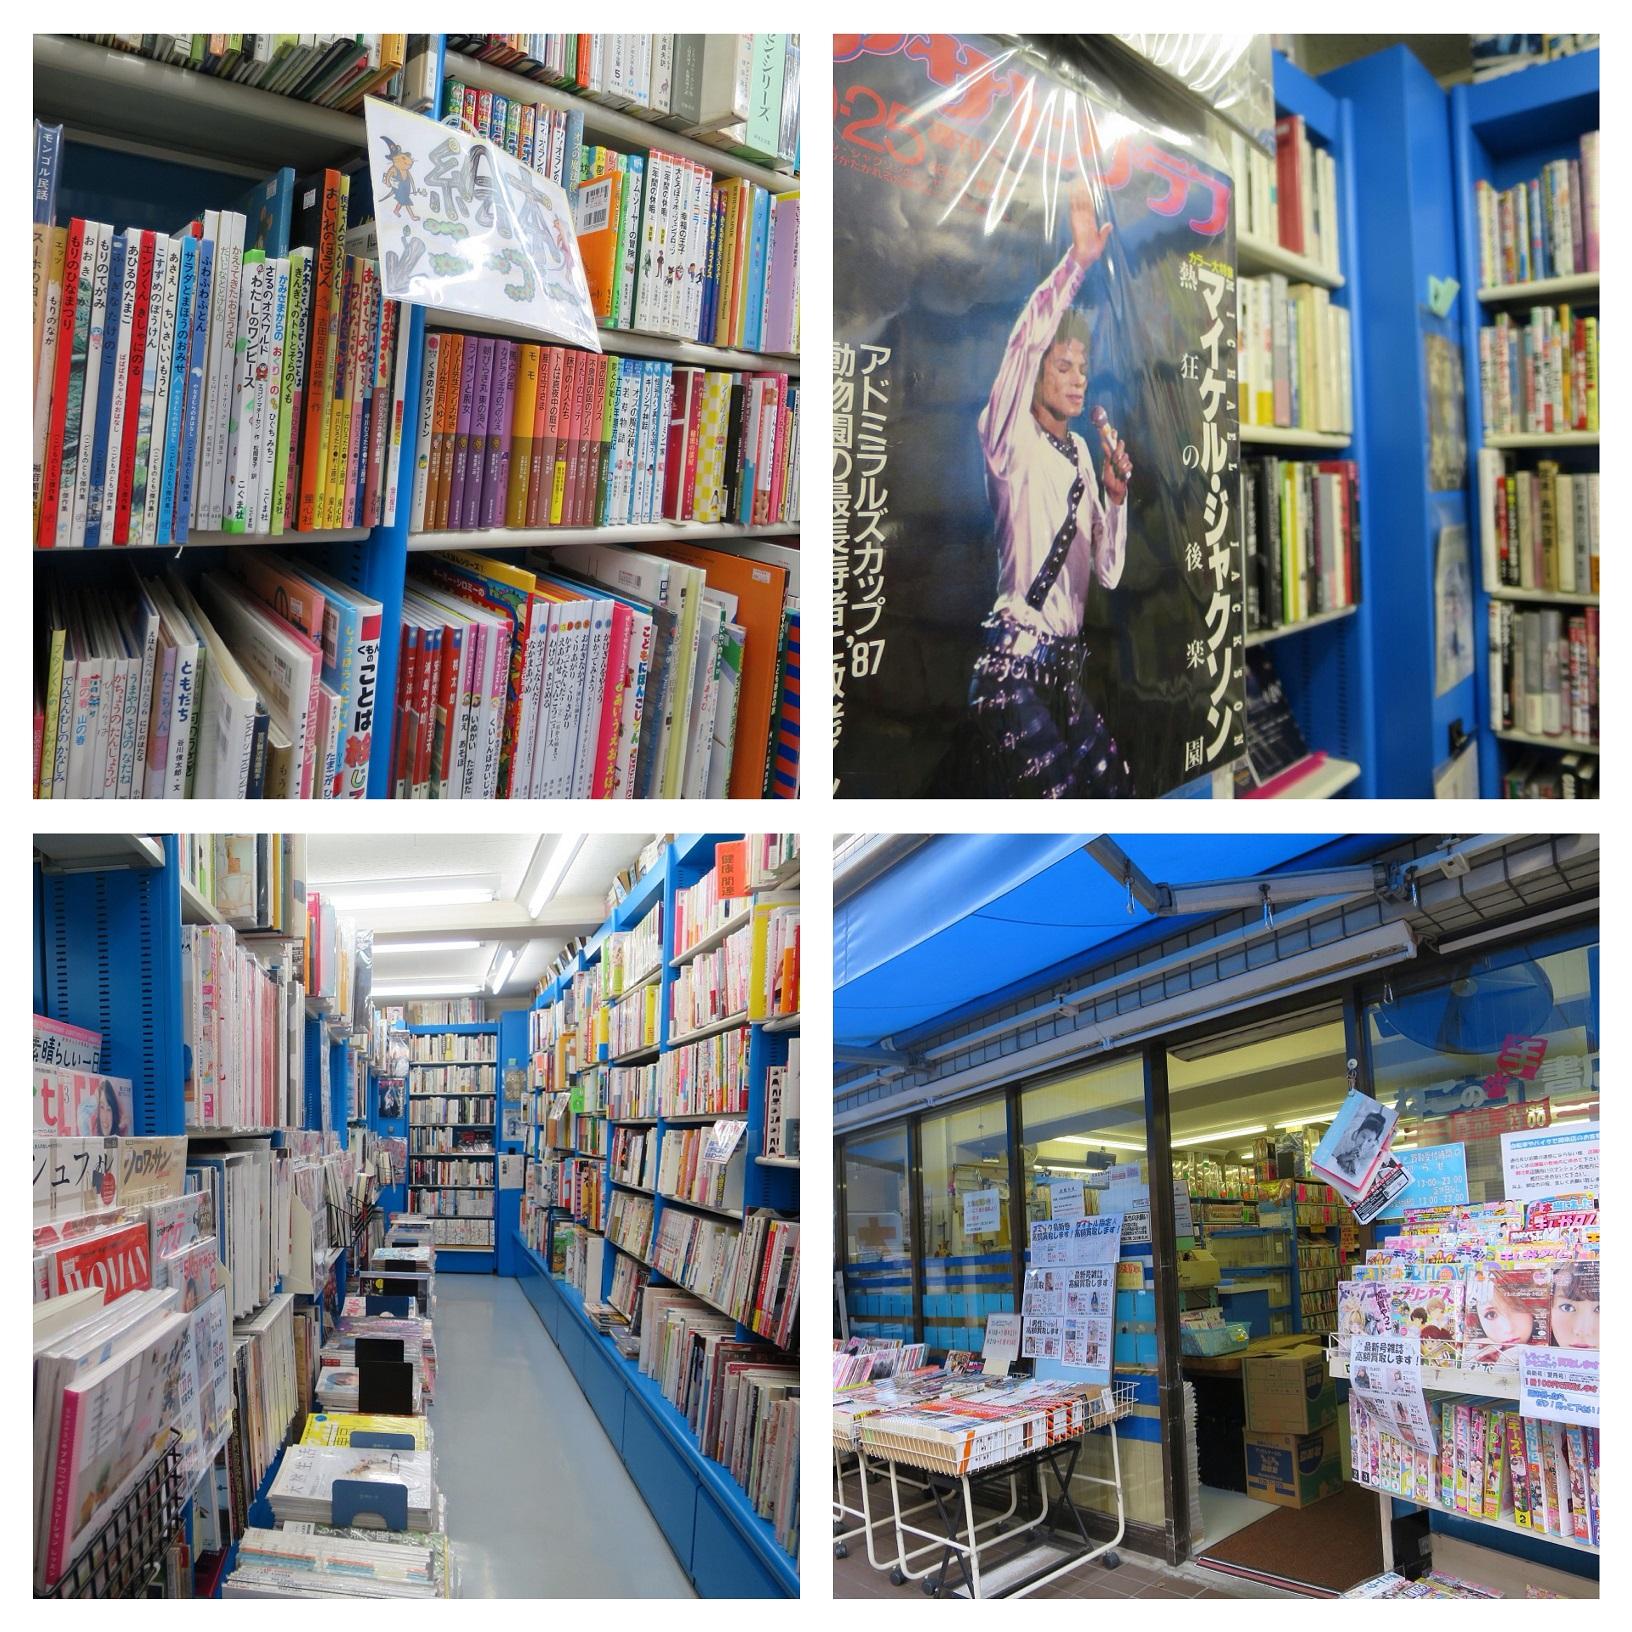 古本屋,都内,東京,古本屋街,古書店街,おしゃれ,個性的,画像